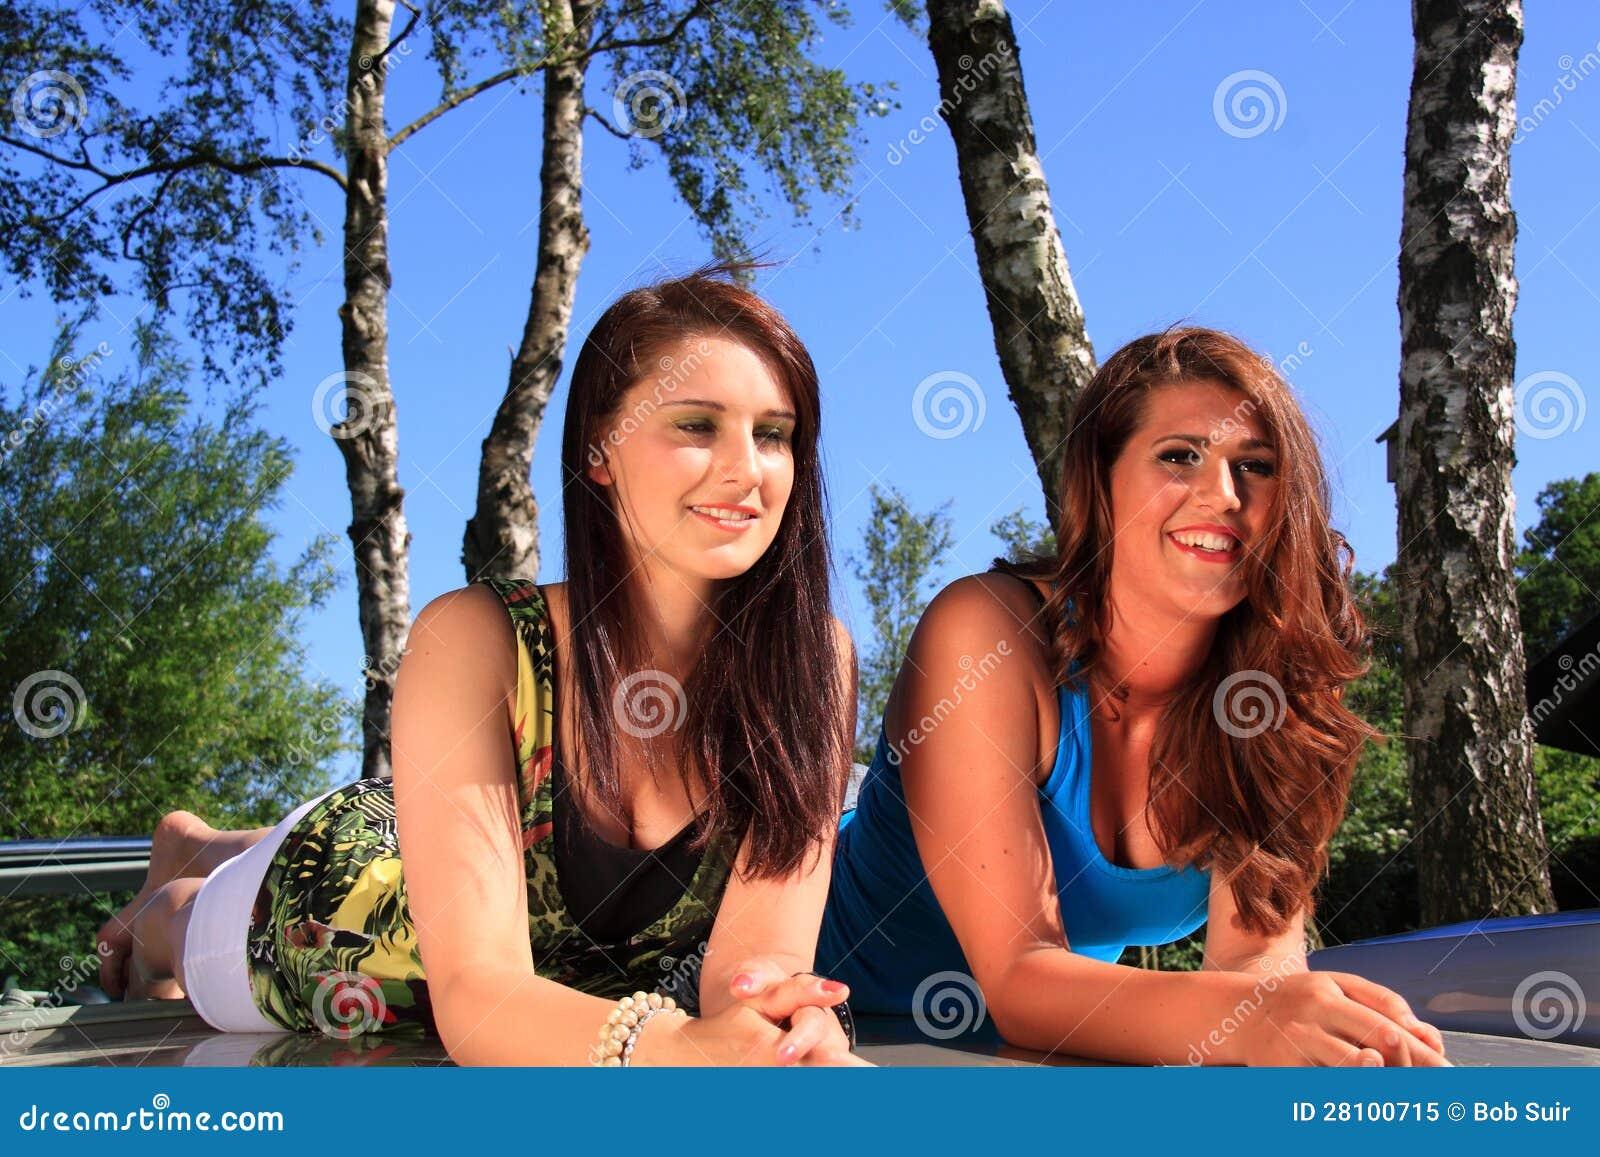 Two beautiful brunette girls relaxing